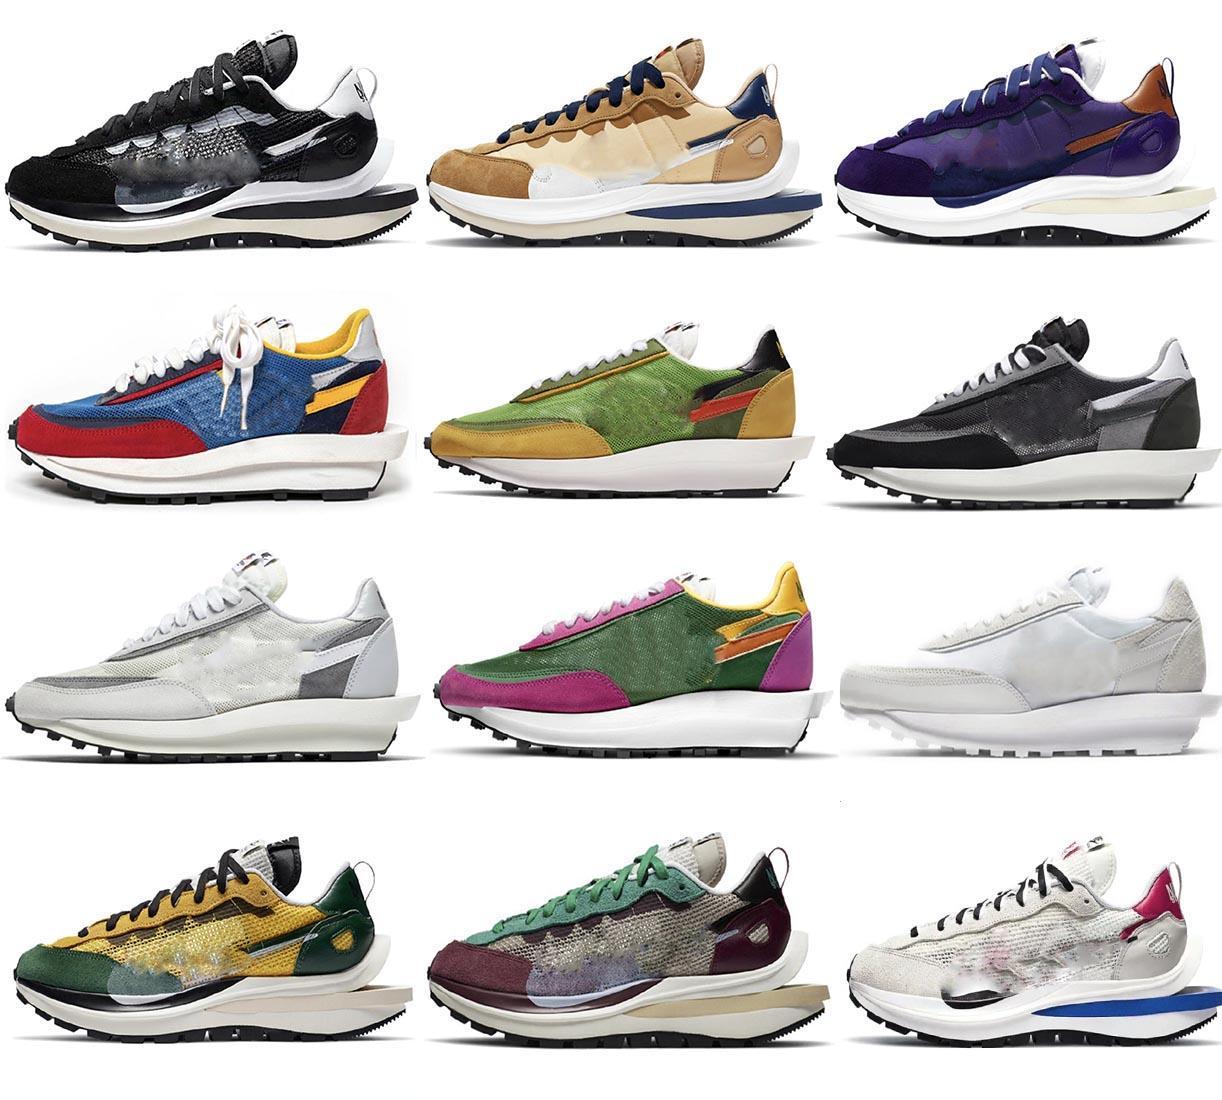 2021 YAYIN Otantik SACAI Vaporwafle 2.0 SESAME LDV Ayakkabı LDWaffle Siyah Beyaz Yeşil Mavi Kırmızı Eğitmenler Erkekler Kadınlar Açık Spor Sneakers ile Orijinal Kutusu